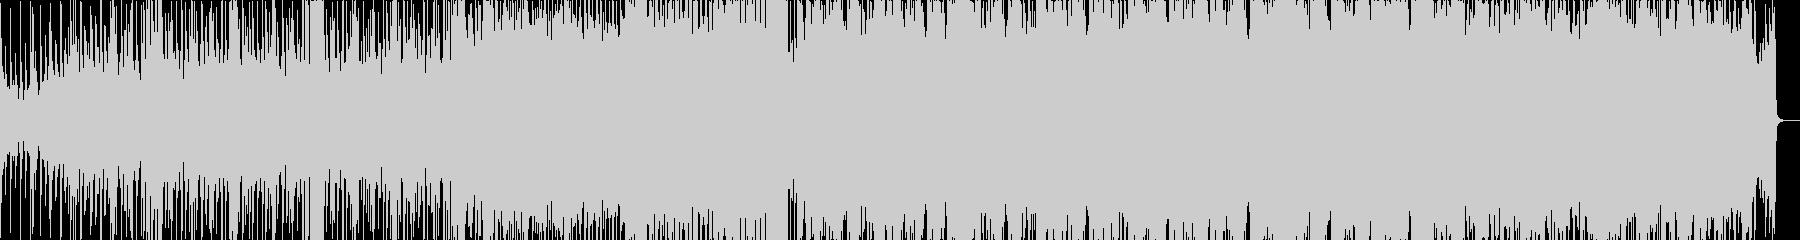 壮大なディスコの未再生の波形